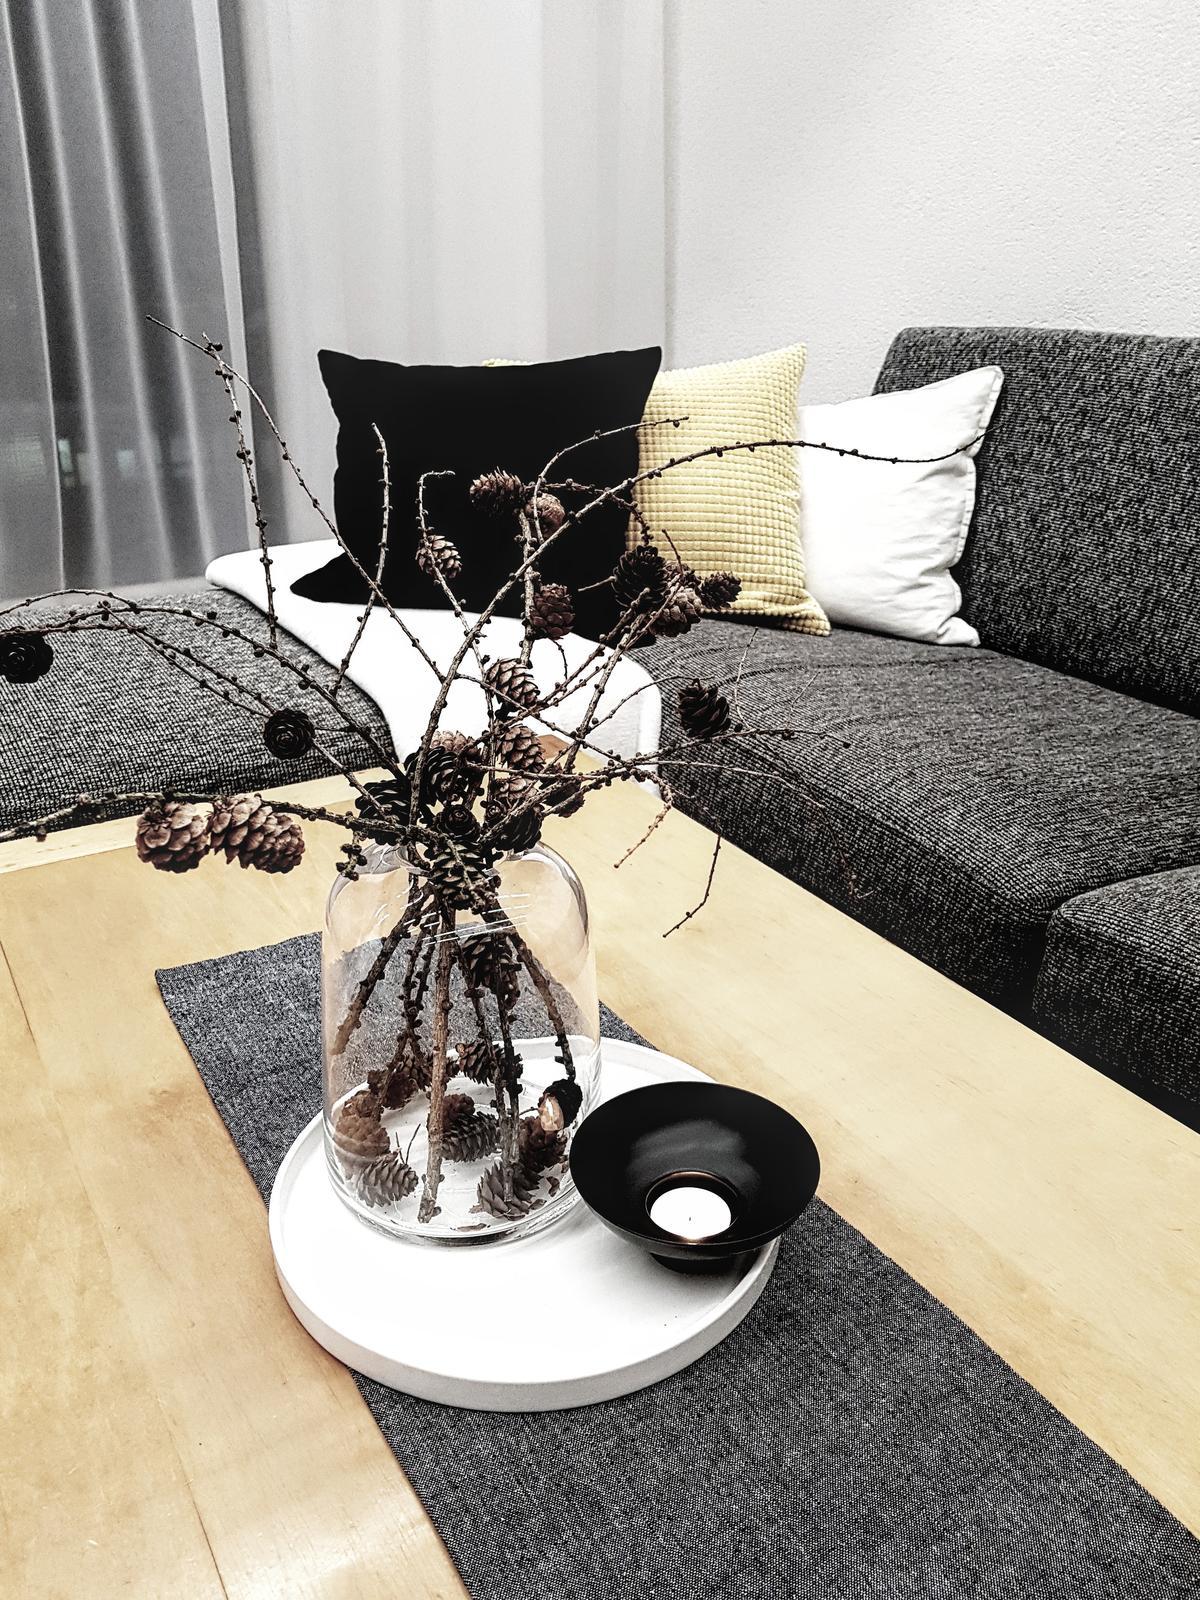 🖤 keď drobnosti robia radosť 🖤 - IKEA opäť nesklamala svietnik s vázou